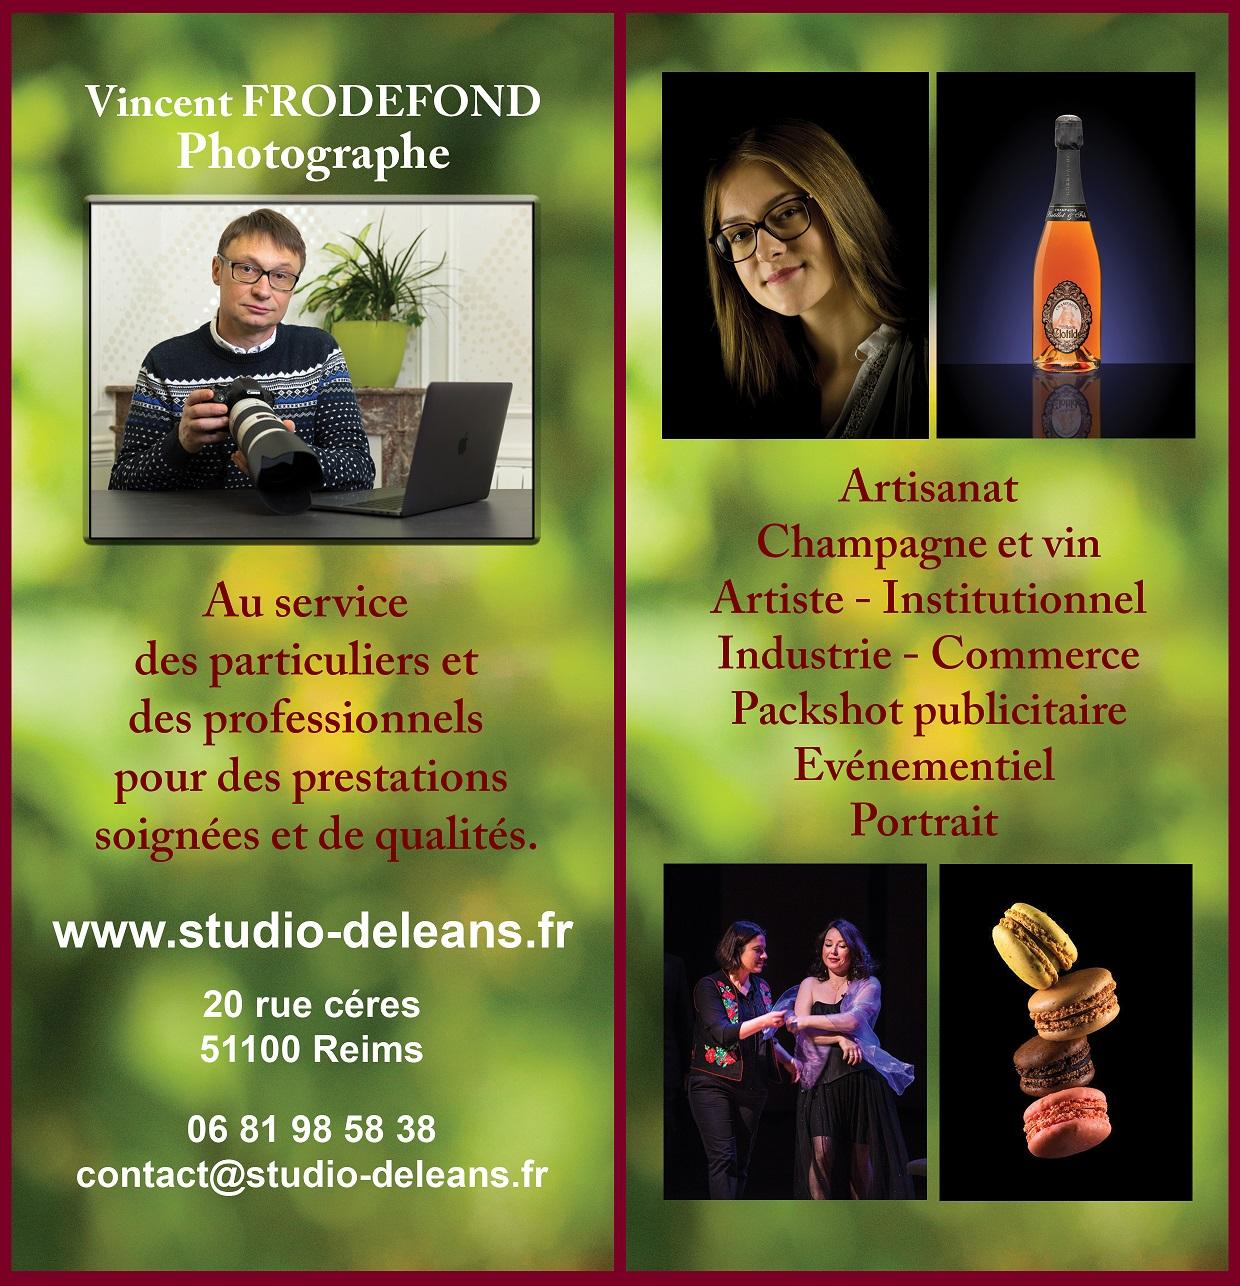 Studio photos Deléans Reims - Vincent Frodefond